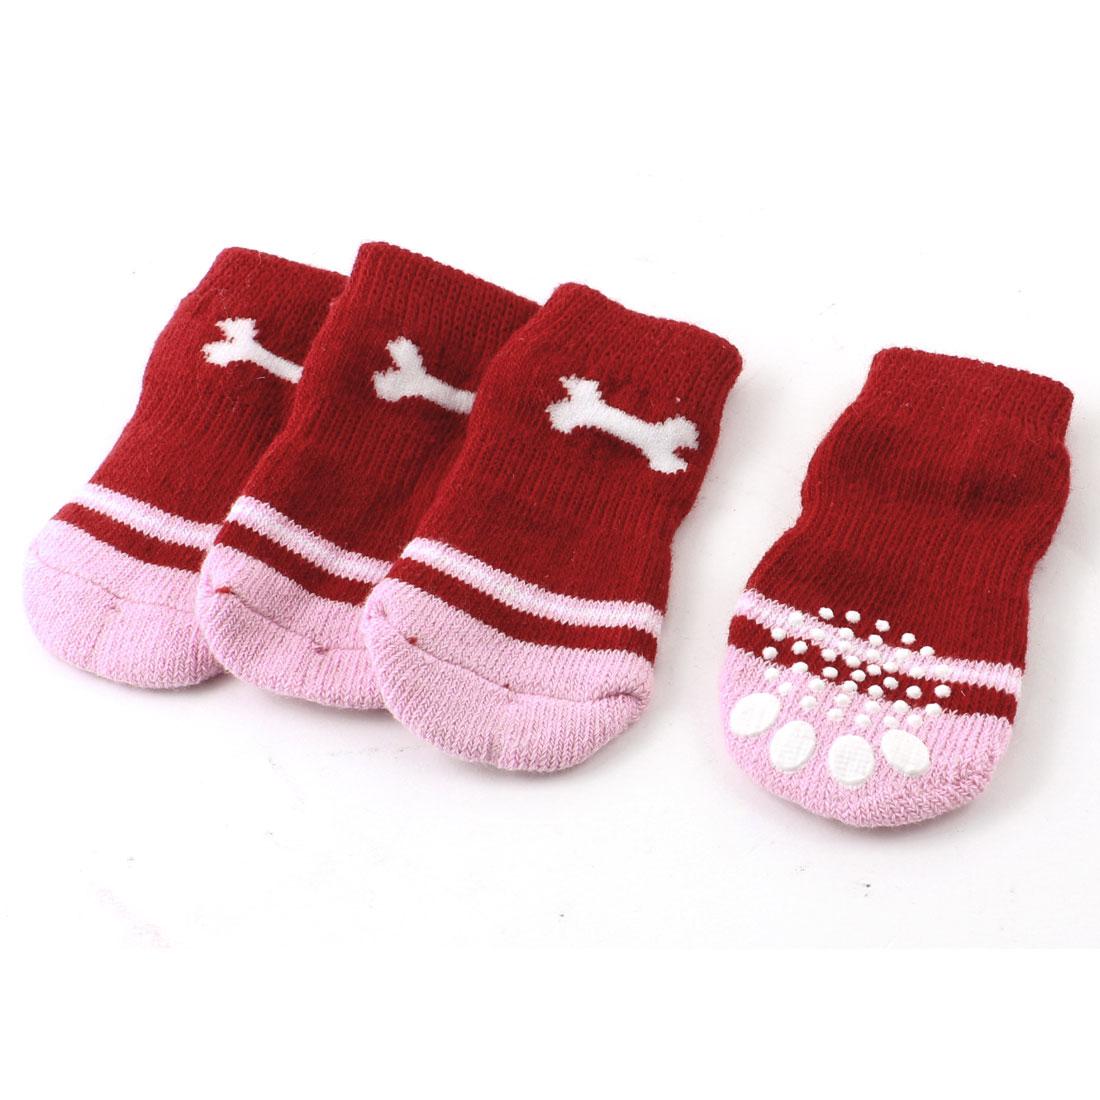 2 Pairs Red Pink Nonslip Paw Printed Knitting Elastic Pet Dog Yorkie Socks